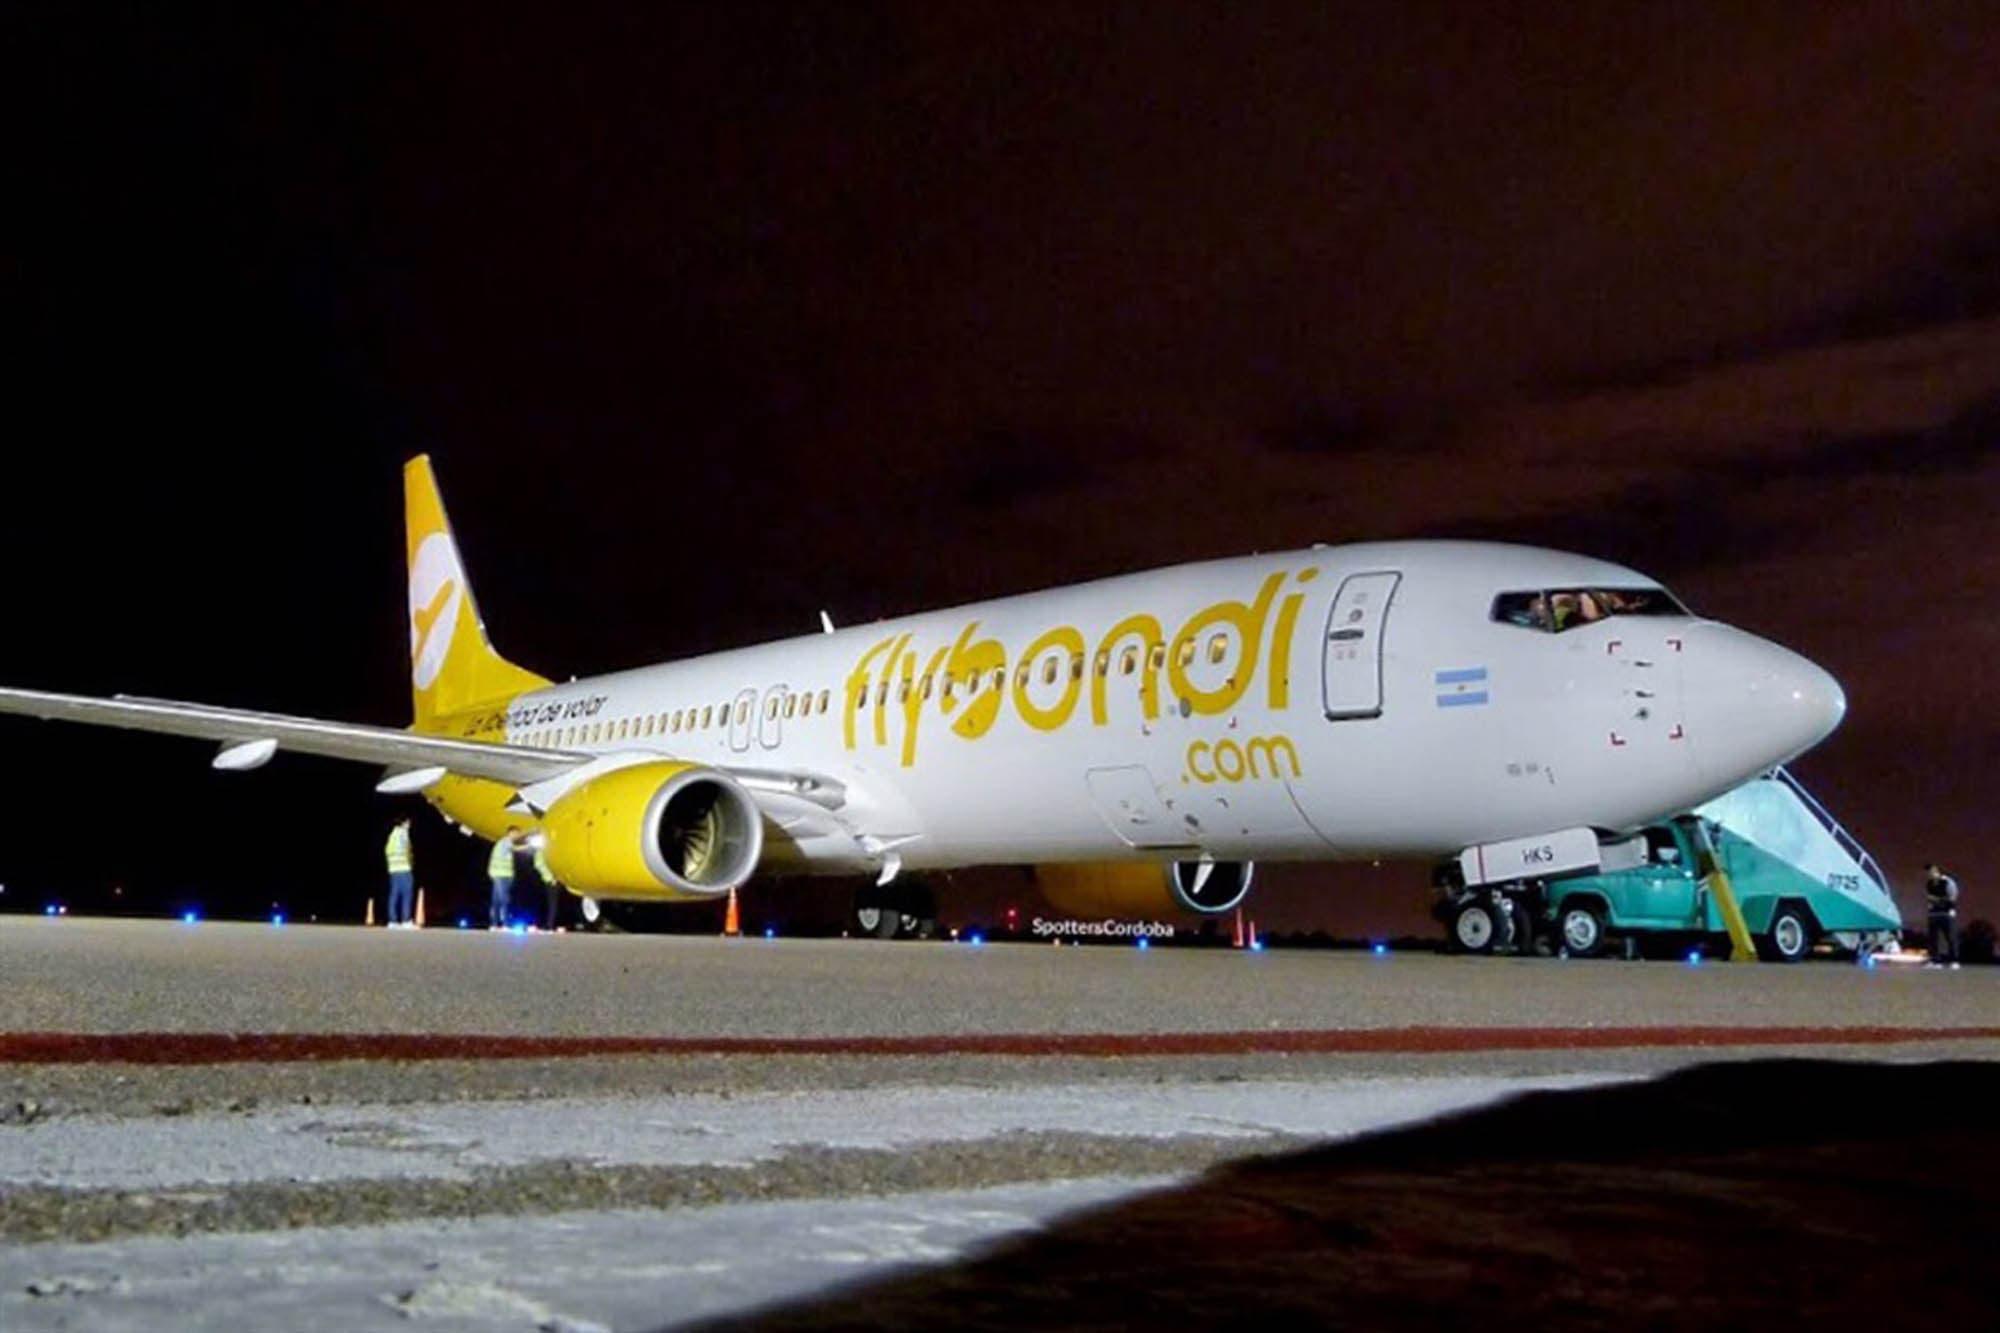 Tras el caos de la madrugada, reanudaron los vuelos en el aeropuerto de El Palomar